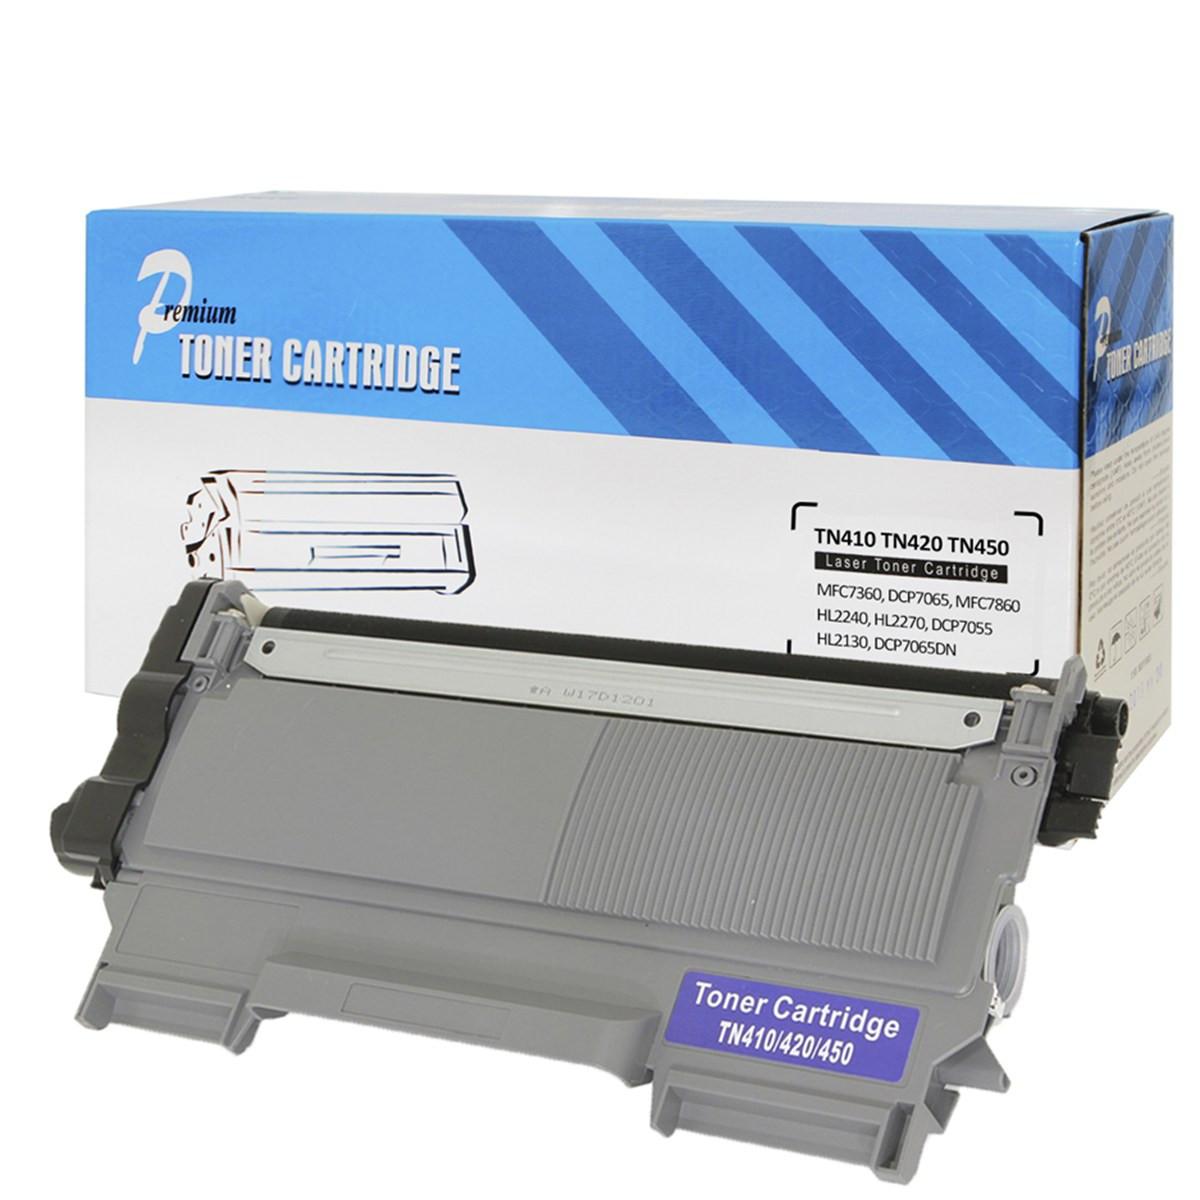 Toner Compatível com Brother TN450   MFC7360N DCP7065DN MFC7860DW HL2270DW HL2130   Premium 2.6k